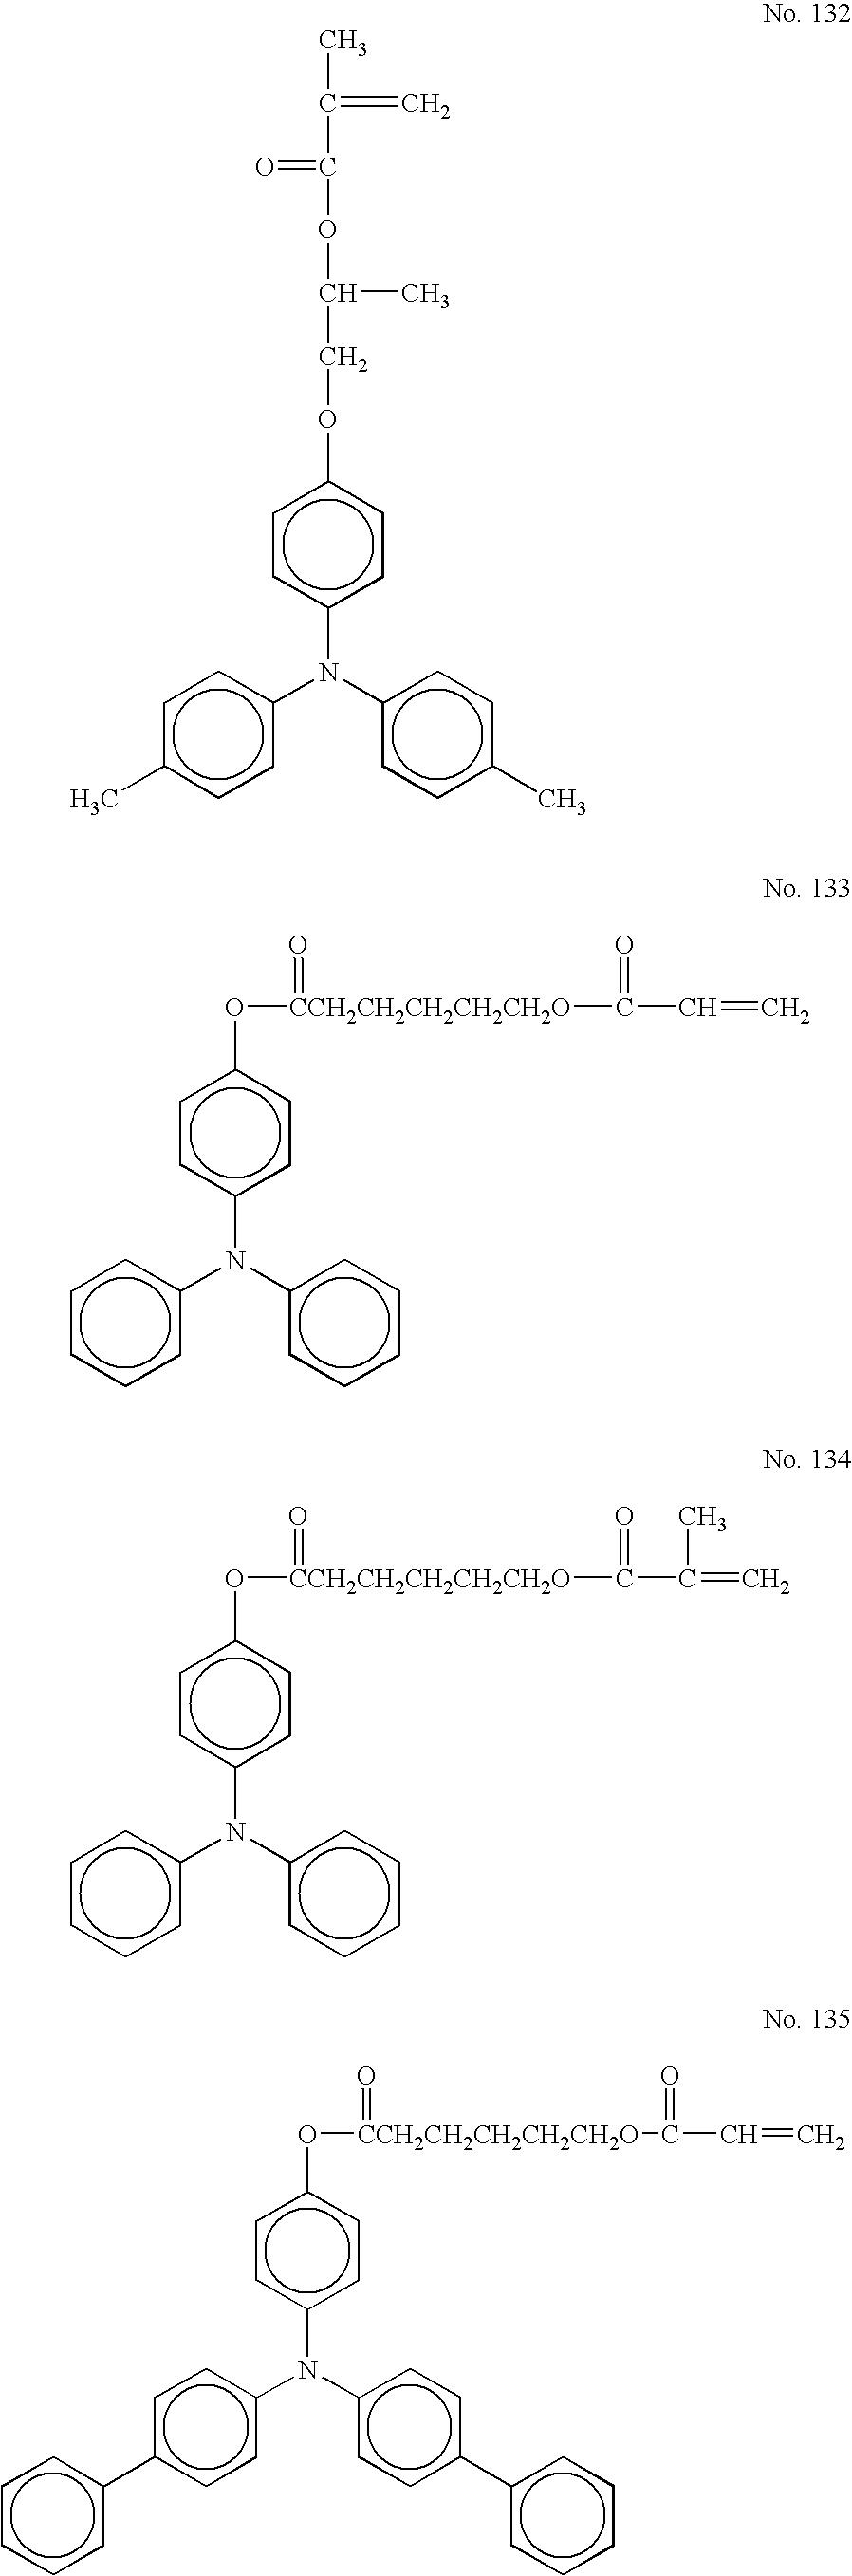 Figure US20050158641A1-20050721-C00060